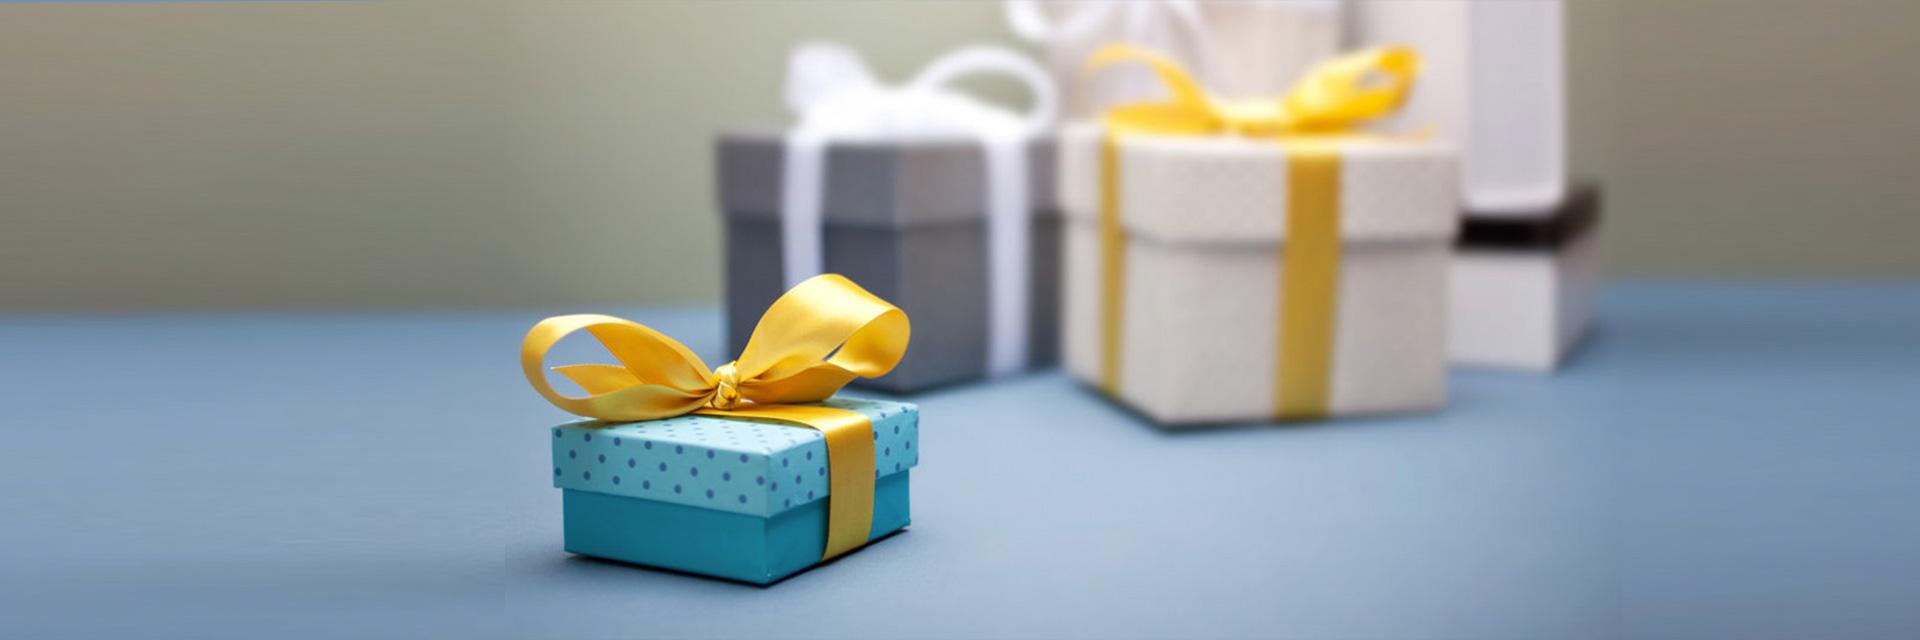 红板砖Wish List——提交你在外贸开发信上的需求,让我们来实现